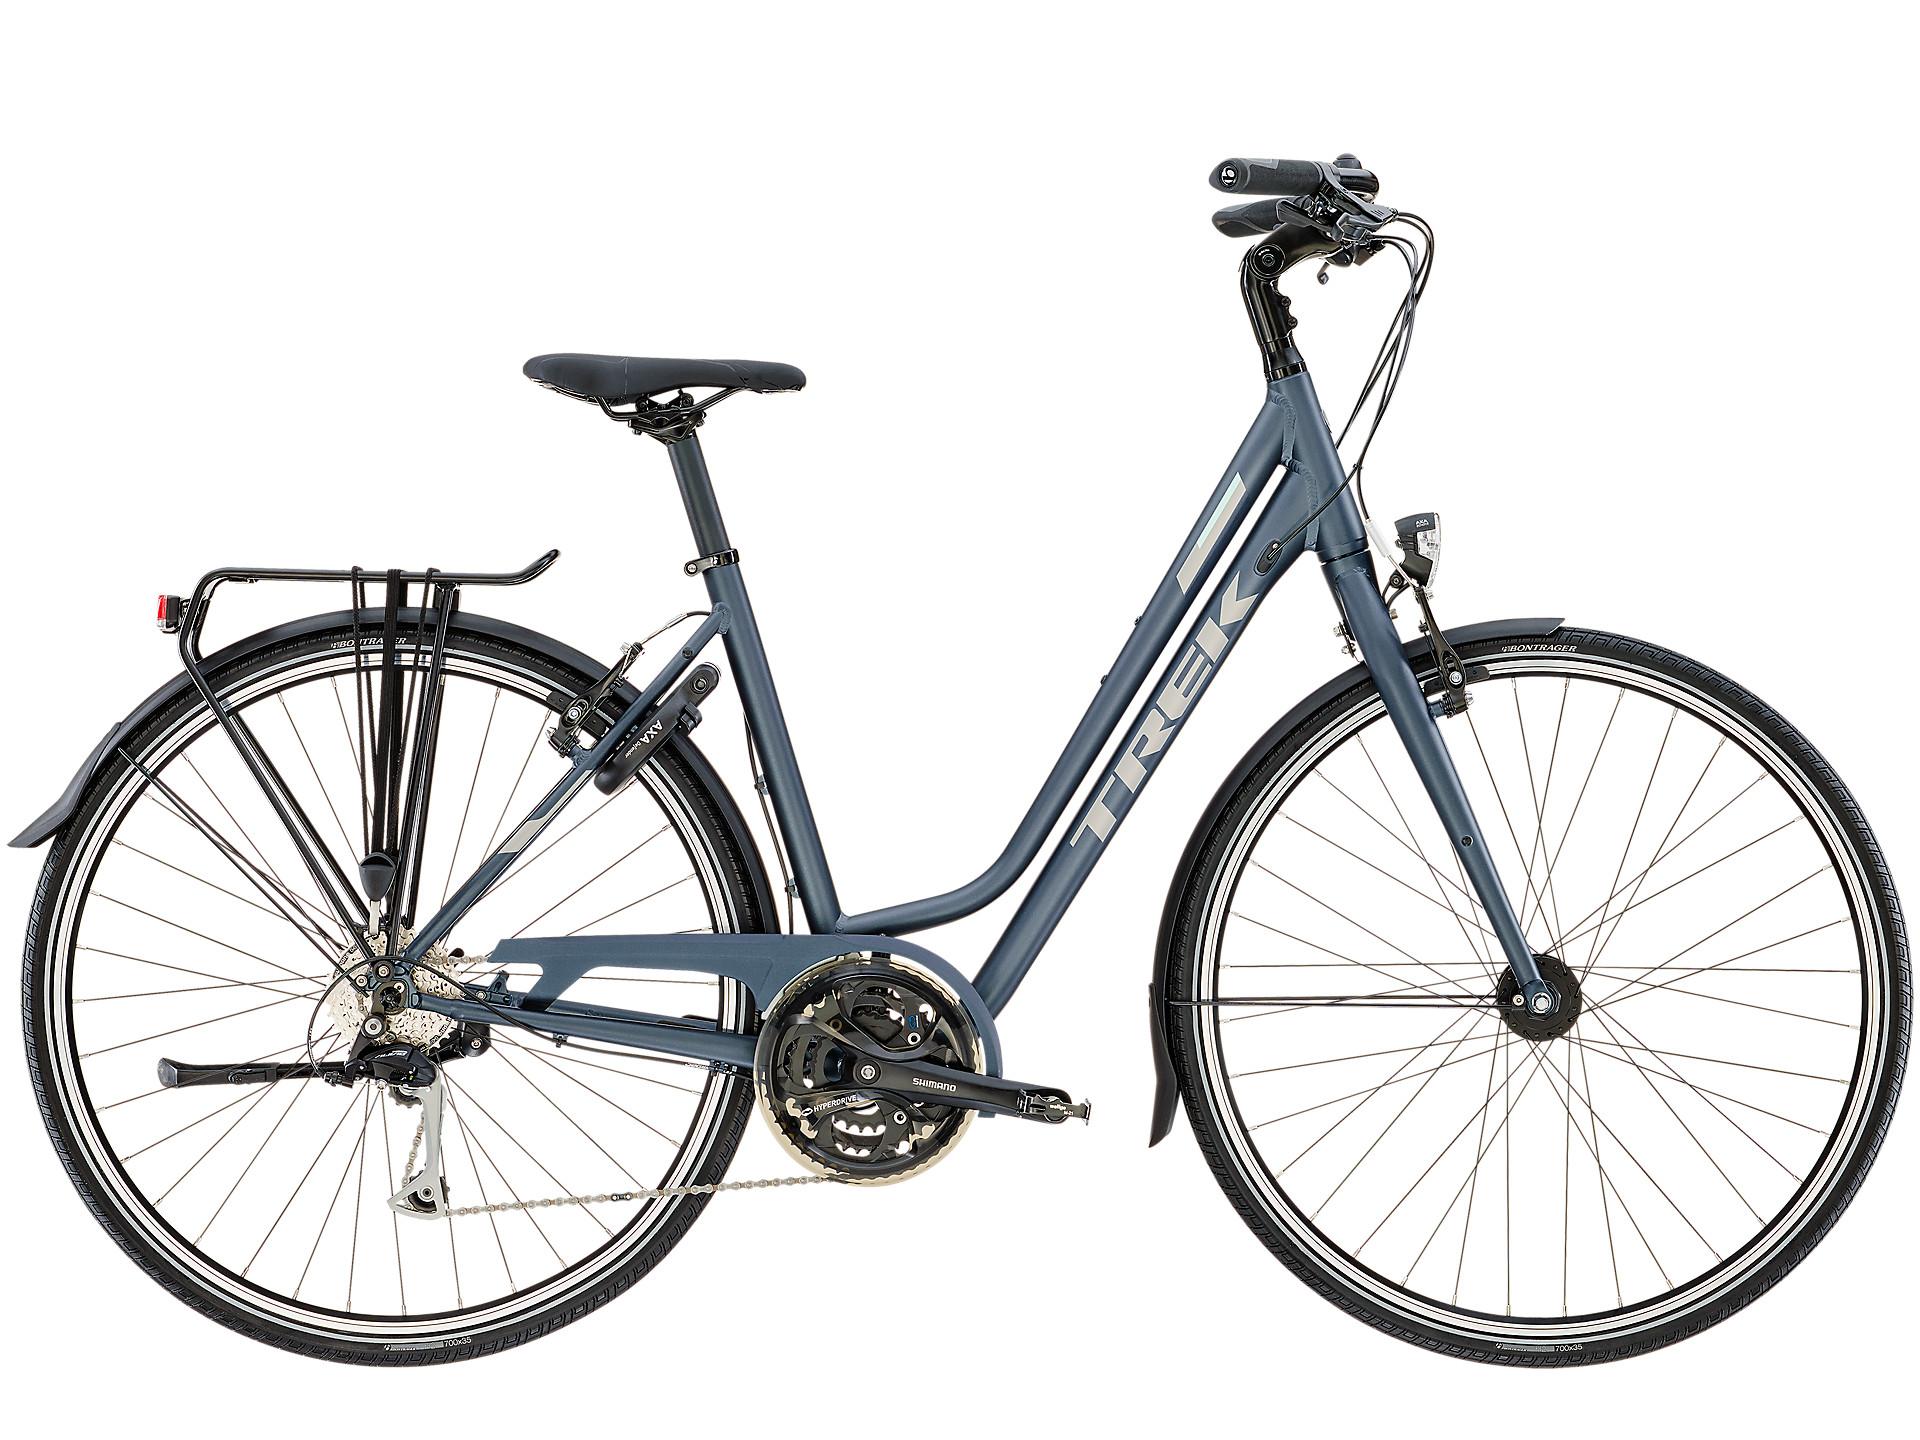 Fonkelnieuw X300 | Trek Bikes (NL) SB-04